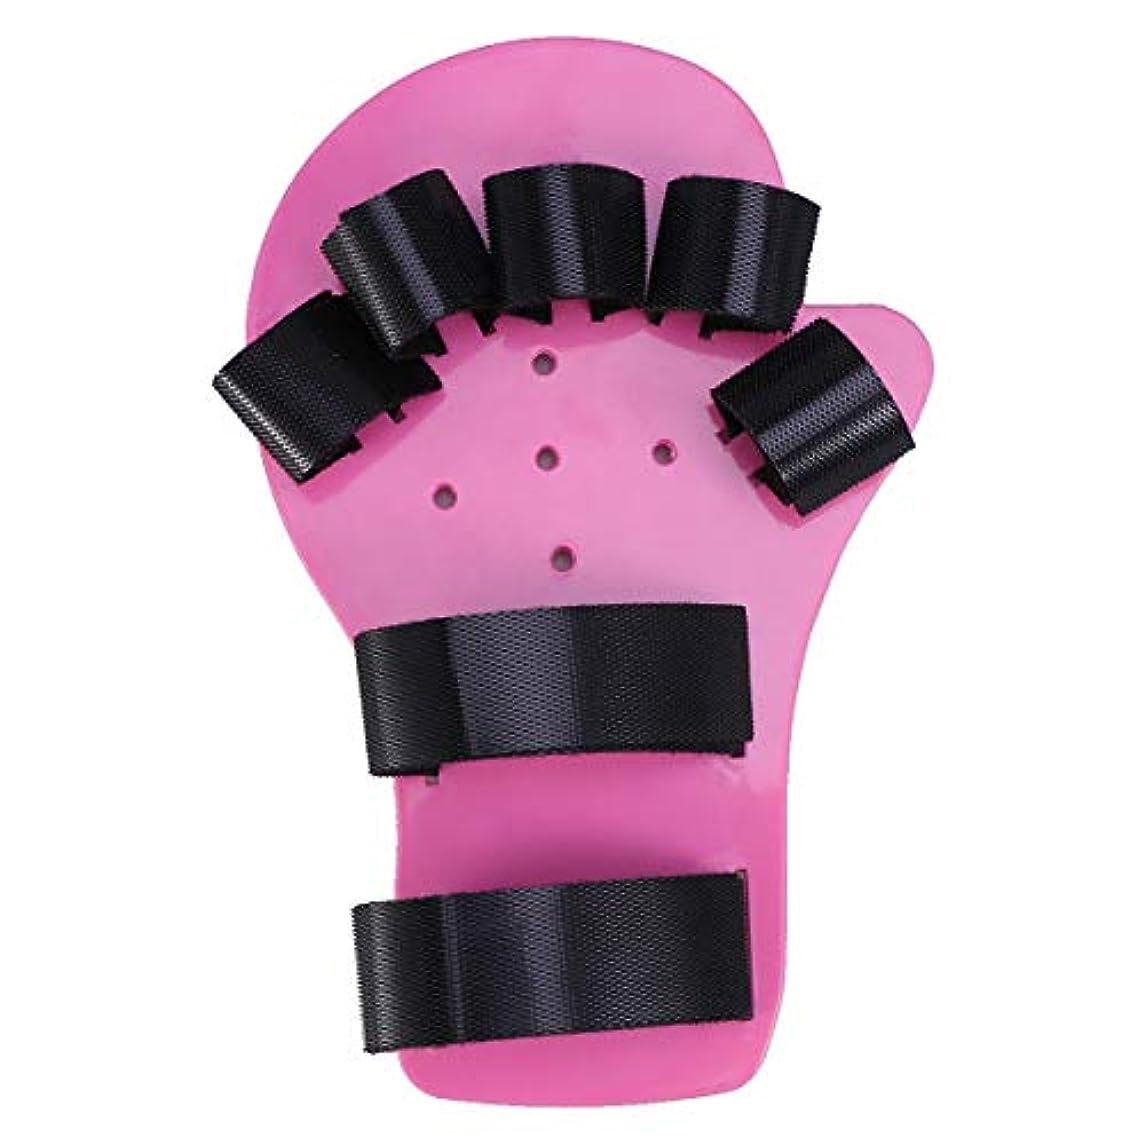 断線粘り強い実行Healifty 指矯正指板ストロークハンドスプリントトレーニングサポート手首トレーニング装具子供用子供子供1-5歳(ロングスタイル、ピンク)